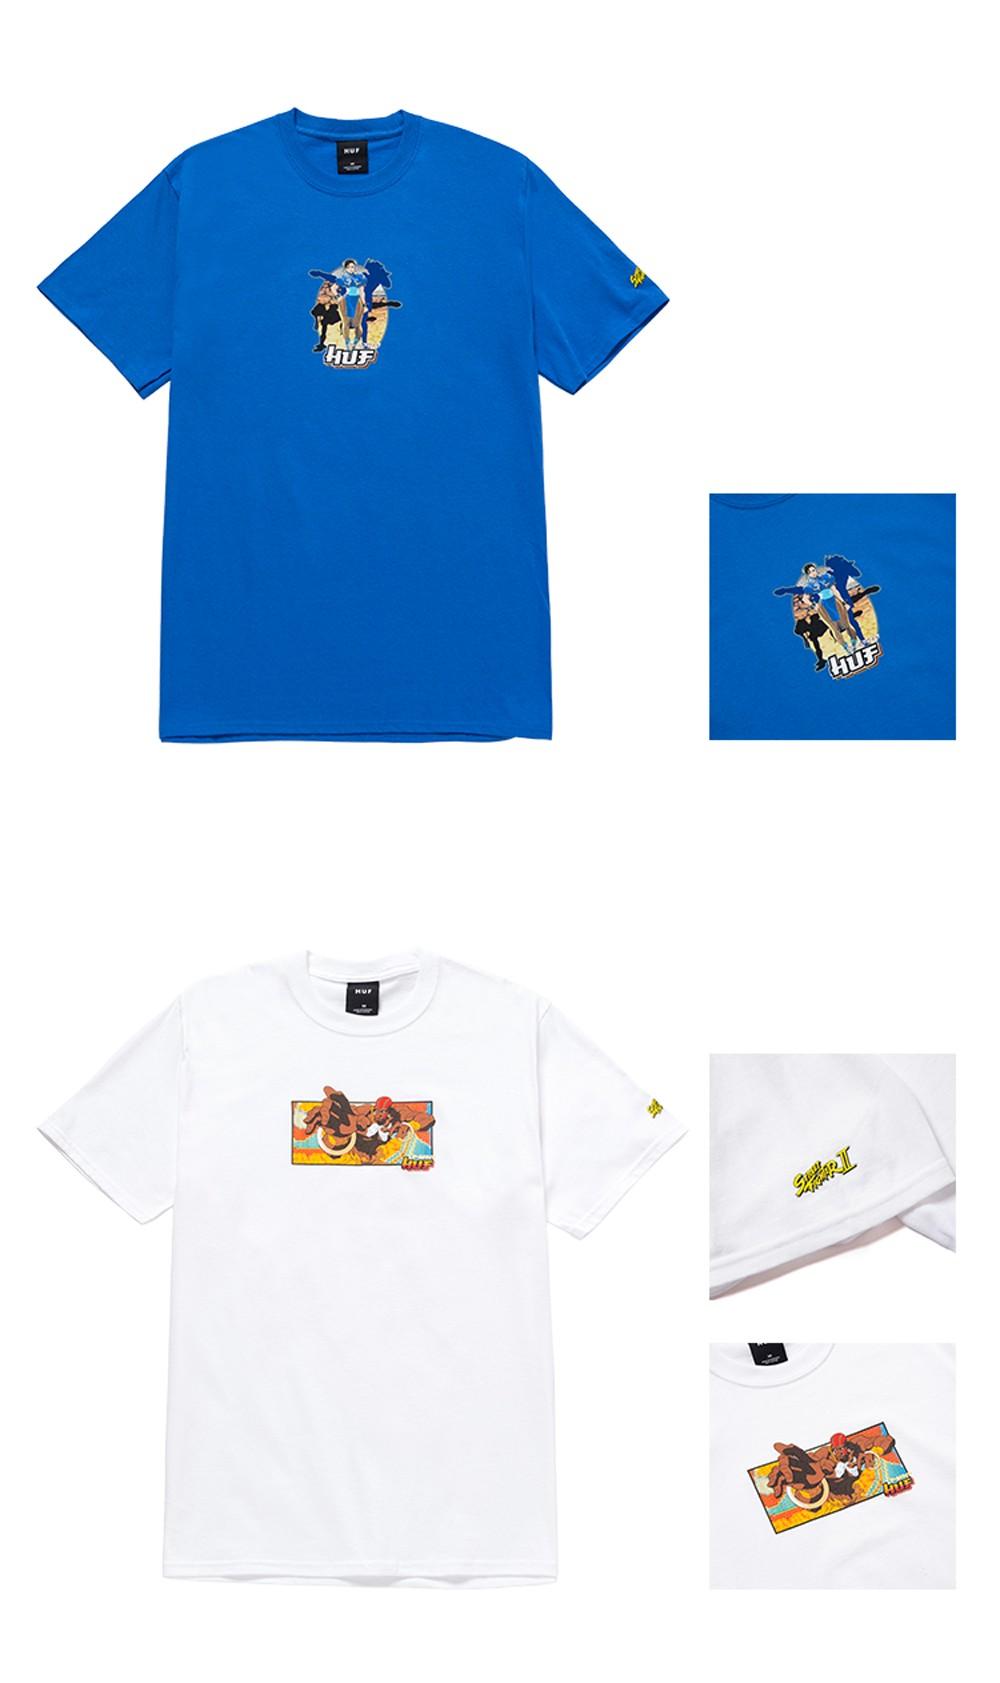 发售,街头霸王,HUF  爷青回!街头霸王 x HUF 刚刚上架!花衬衫太帅了!